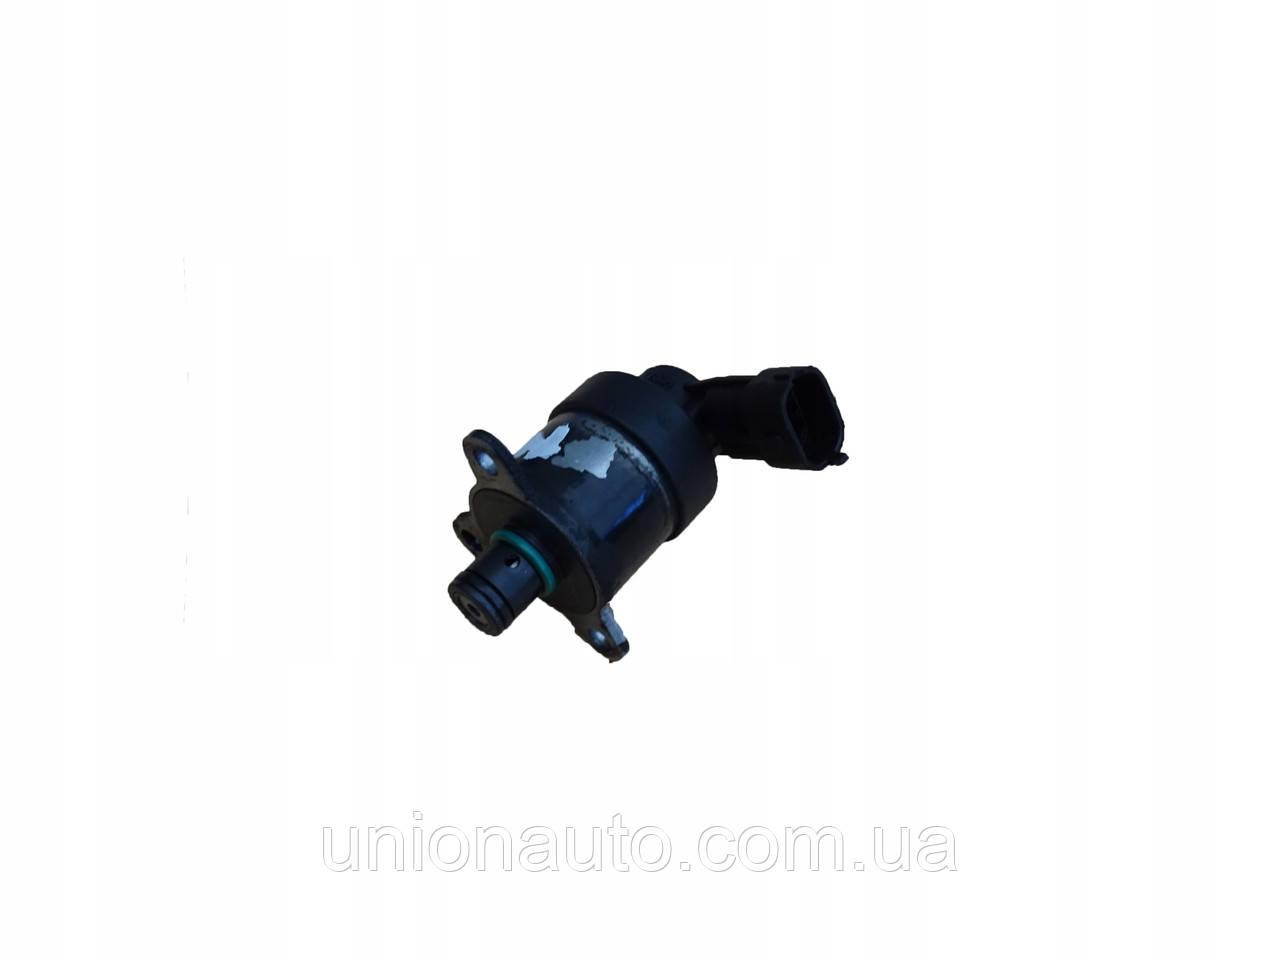 Регулятор, клапан давления подачи топлива 0928400576 2.2 CTDI CRV III ACCORD НЛО